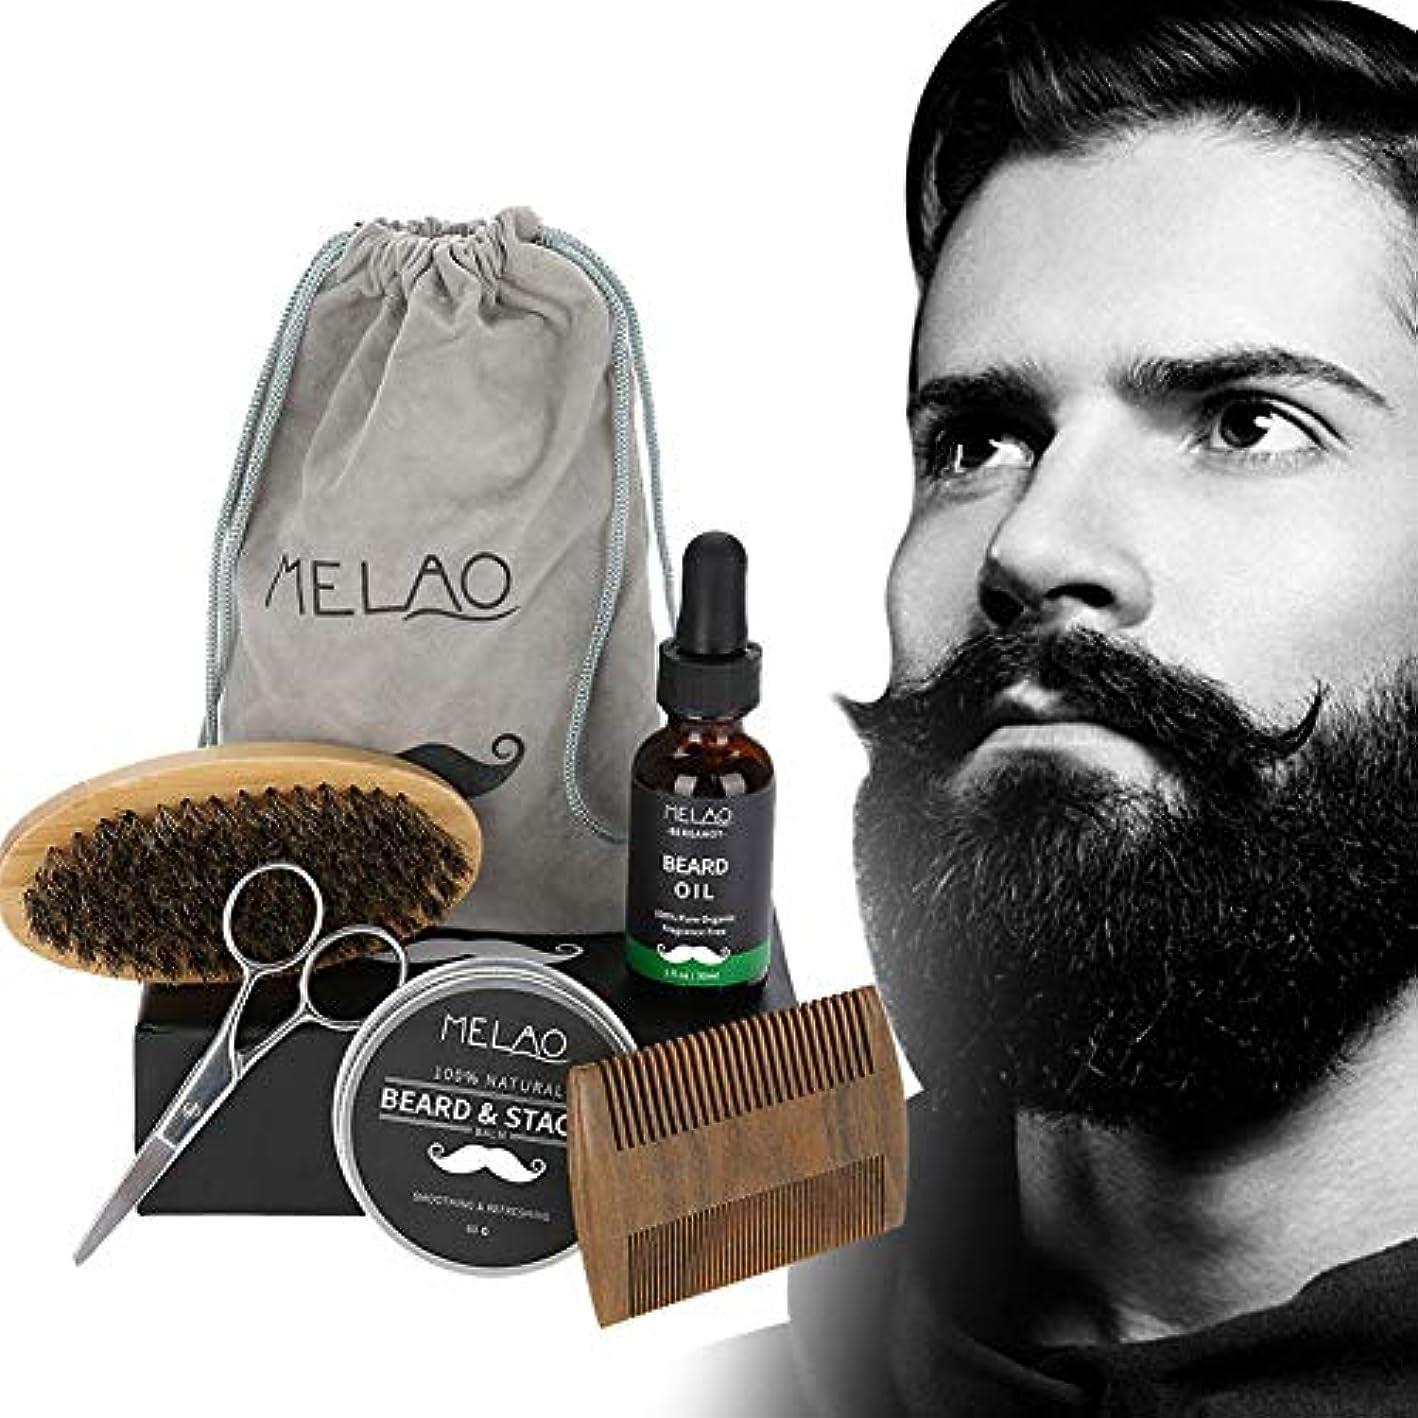 兵士ブレス傘ビアードケアセット、髭ケア必需品 メンズひげクリーム シェービングトリートメント 保湿/滋養/ 携帯便利 最高の贈り物